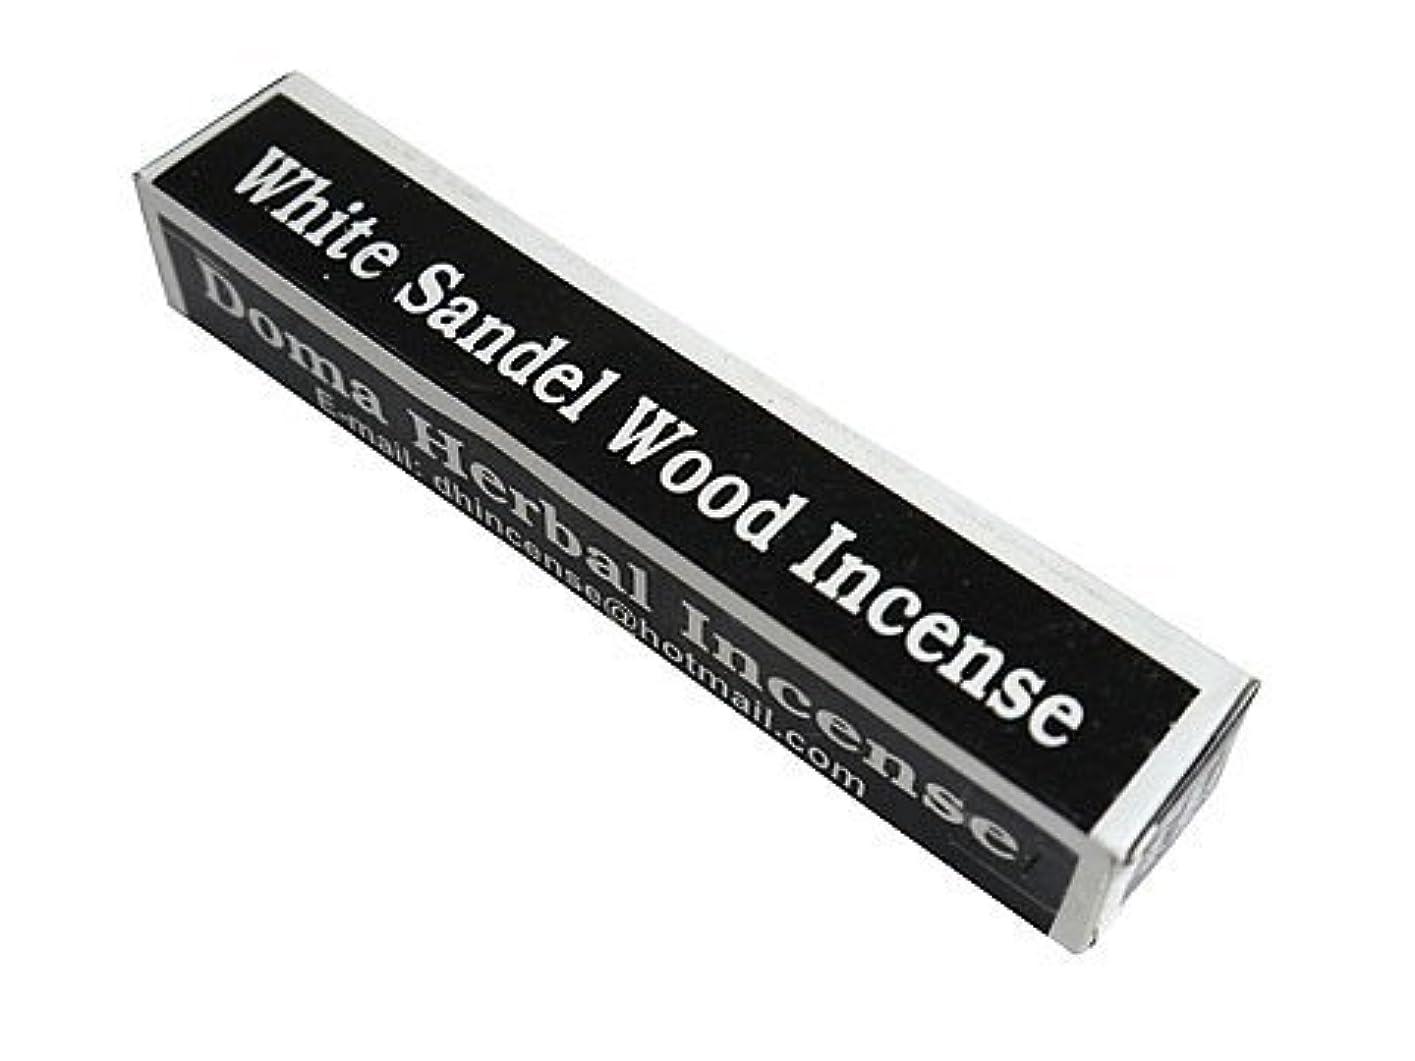 ロマンス気を散らす可能にするドマハーバルインセンス Doma Herbal Incense【WhiteSandalWoodIncense ホワイトサンダルウッド】